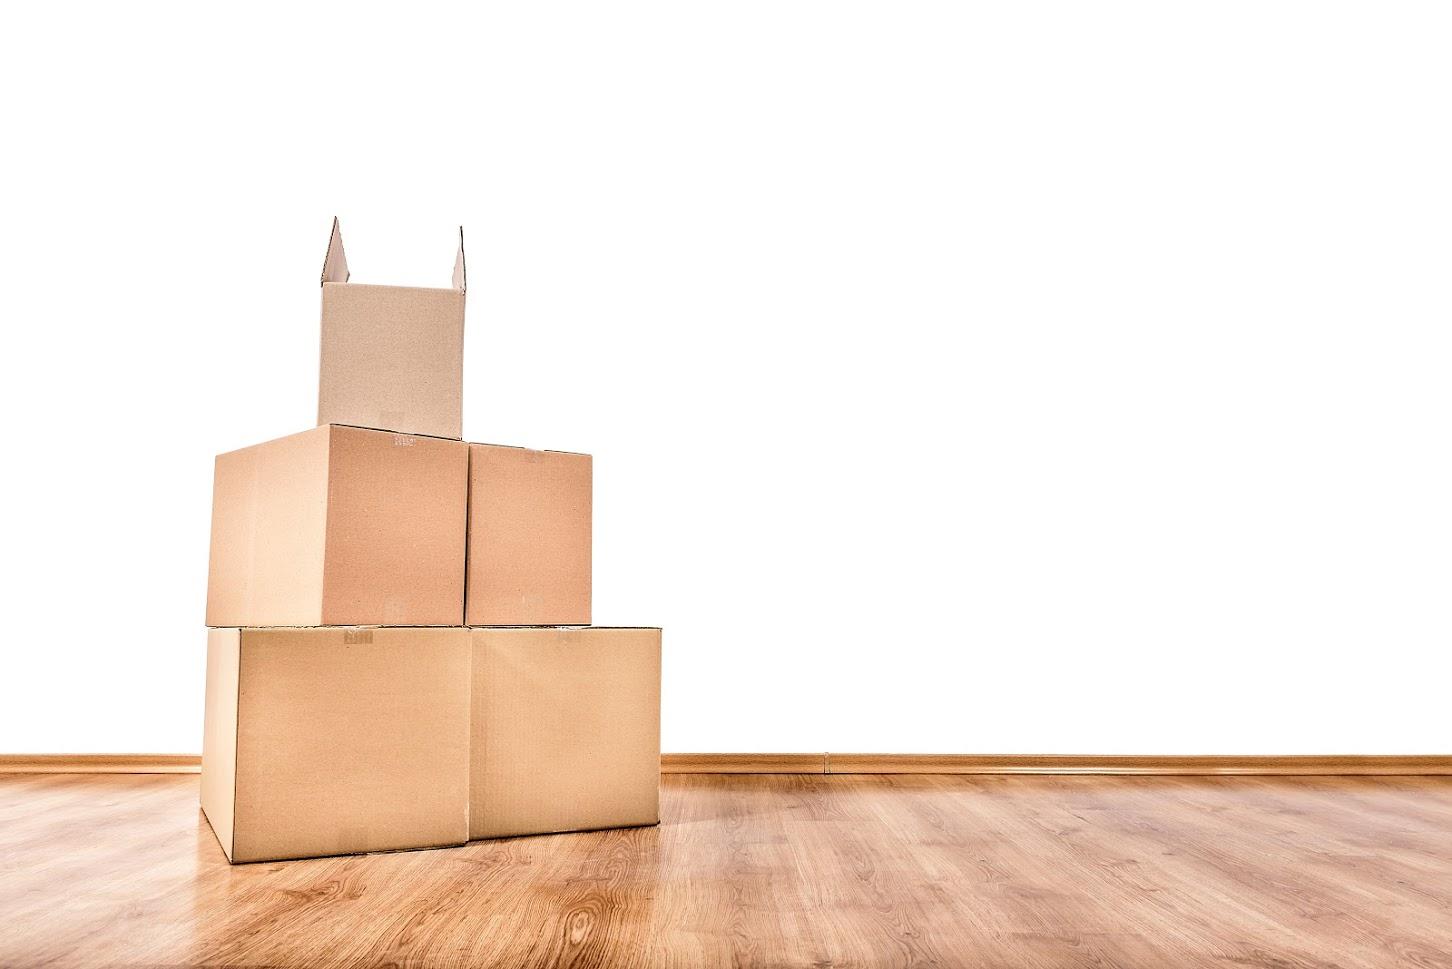 3 Ways Self-Storage Makes Moving Easier